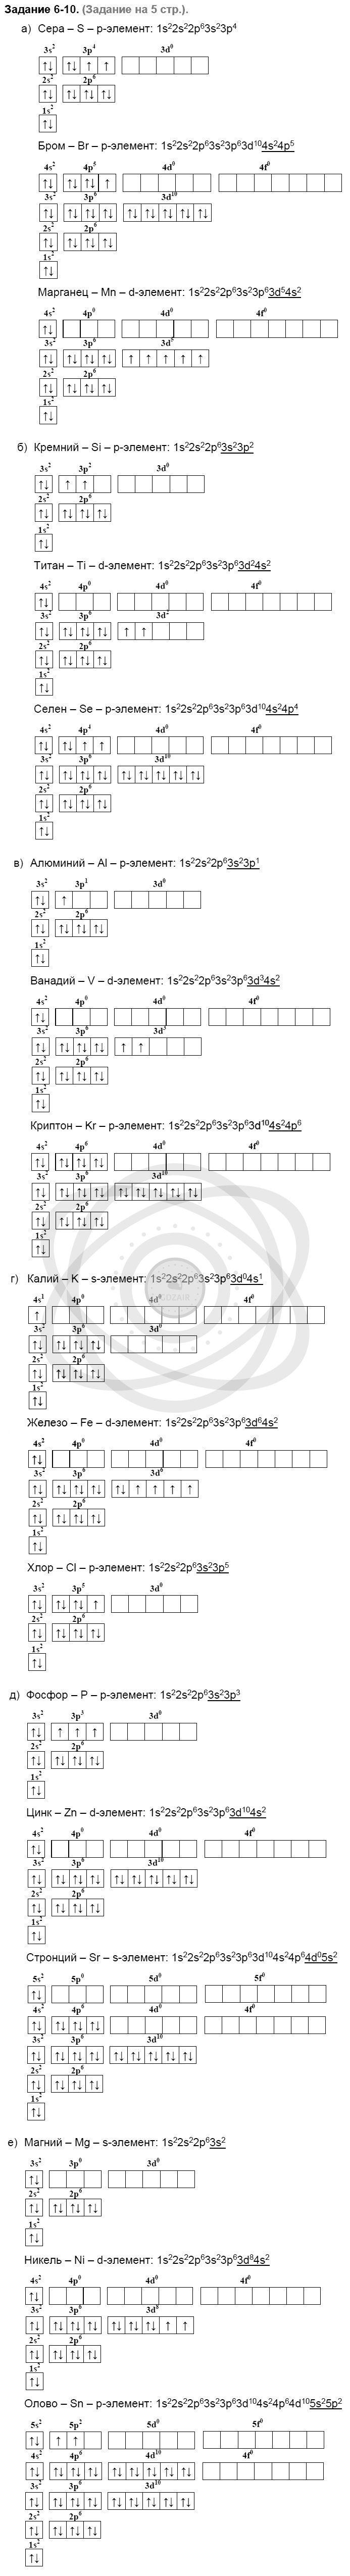 Химия 8 класс Кузнецова Н. Е. Глава 6. Строение атома. Периодический закон и периодическая система Д. И. Менделеева в свете электронной теории / Задания: 10